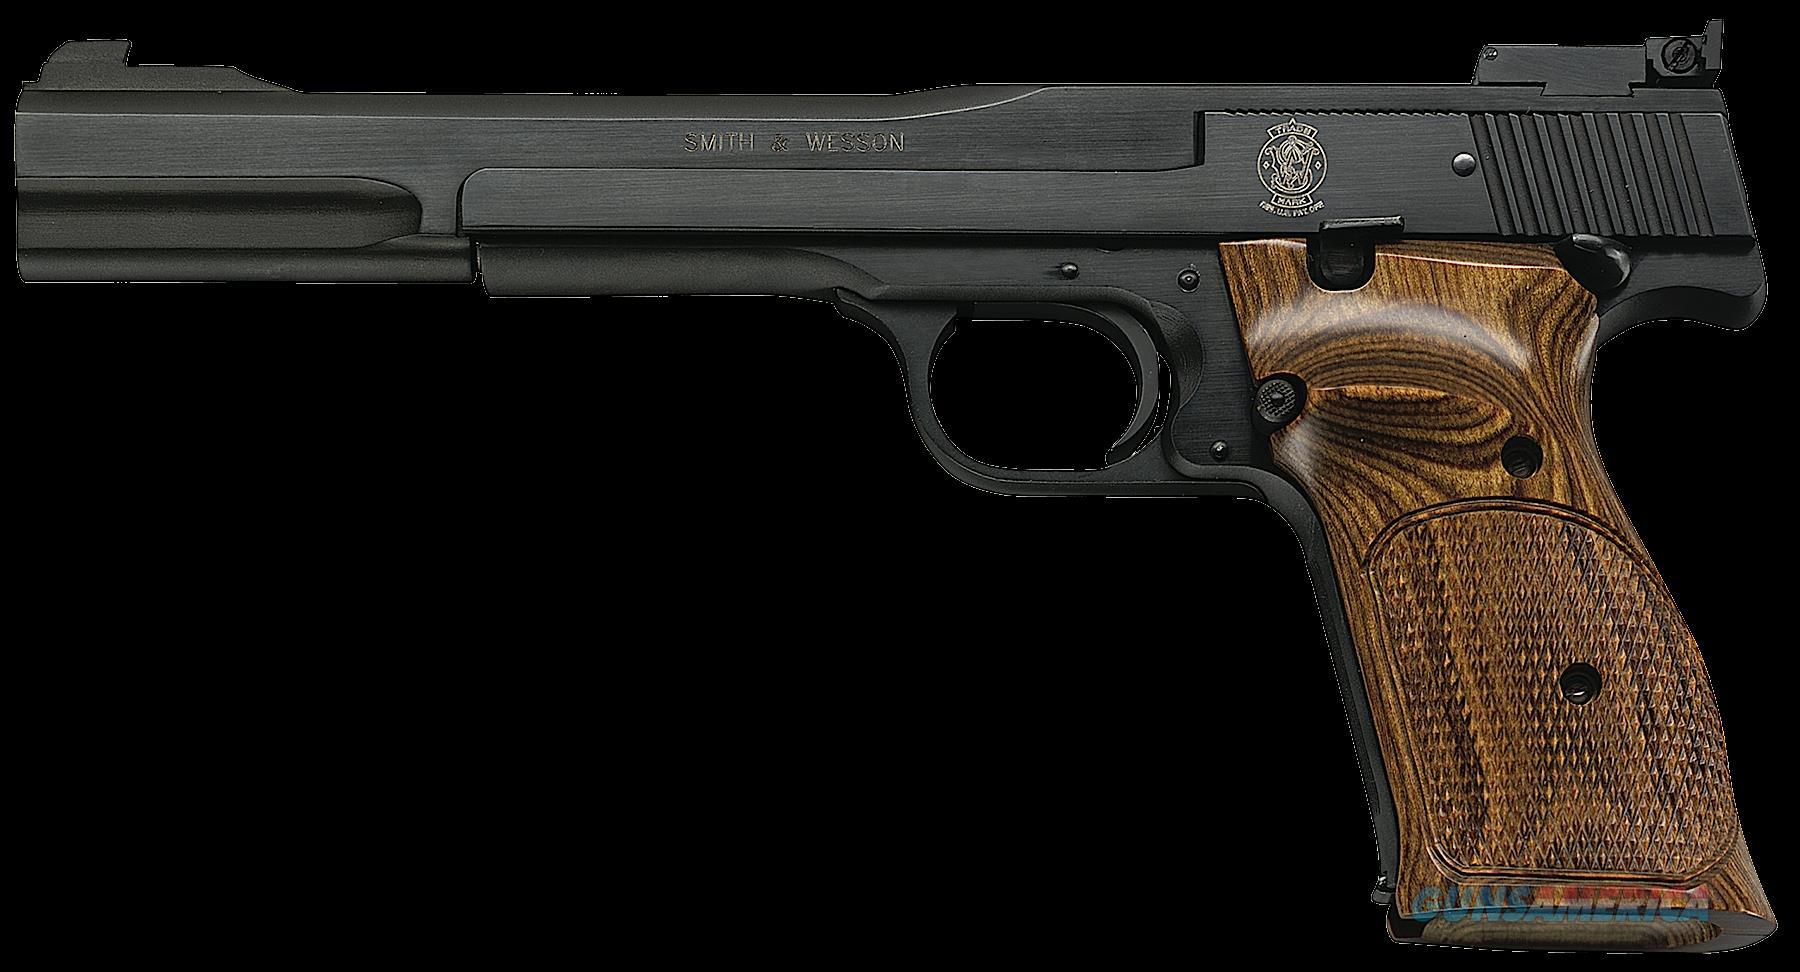 Smith & Wesson 41, S&w M41       130512 22lr    7 As     Bl  Guns > Pistols > 1911 Pistol Copies (non-Colt)